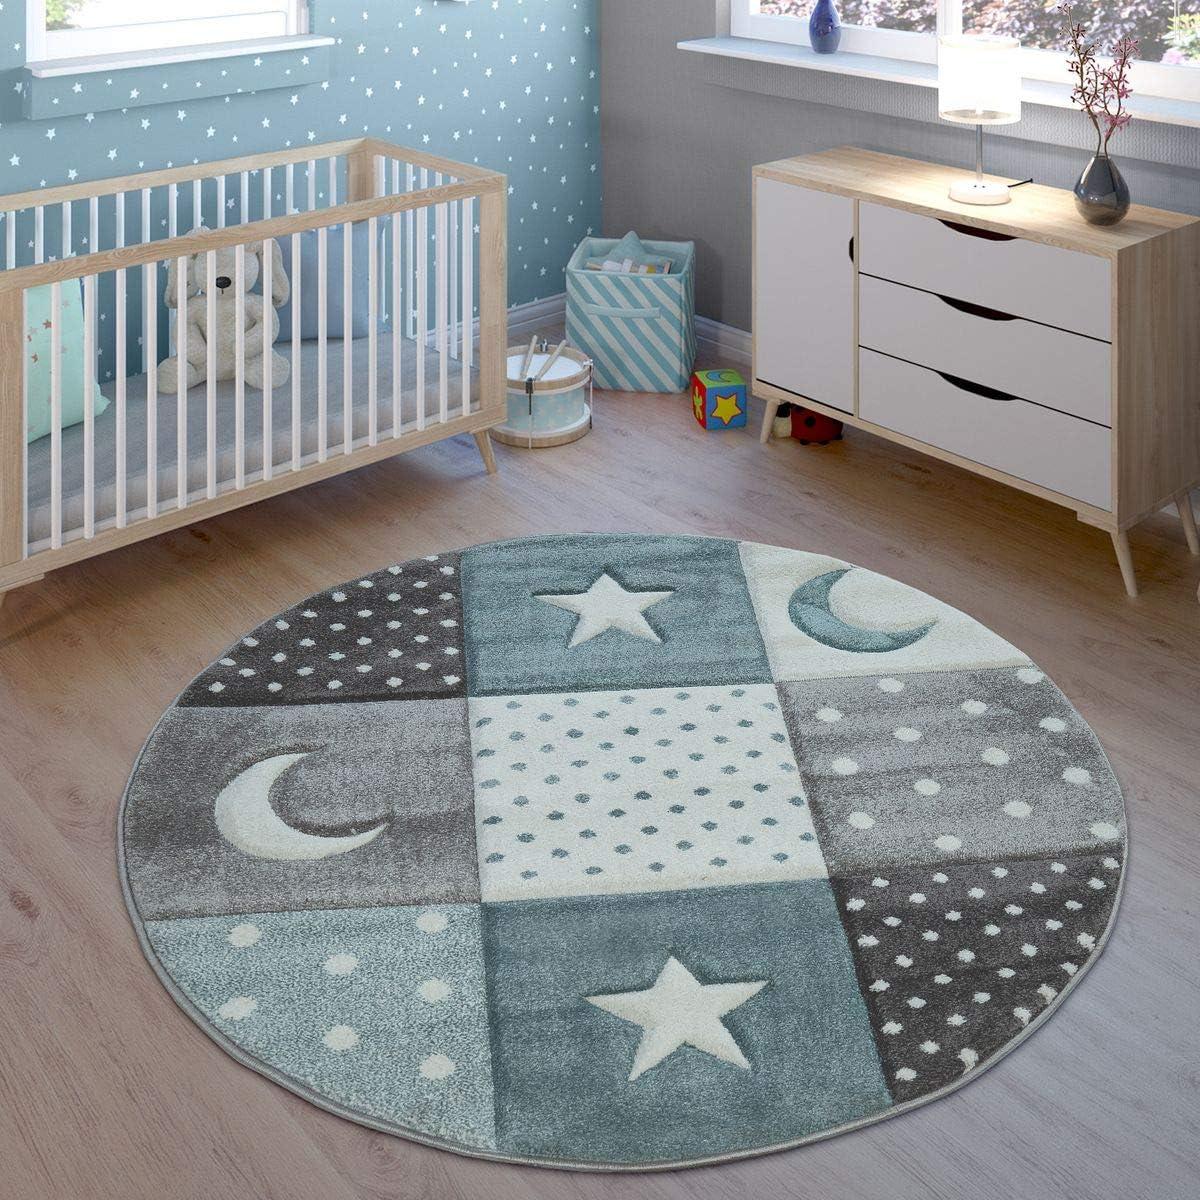 Gr/ö/ße:80x150 cm Kinder Teppich Spielteppich Karos Punkte Sterne Mond Pastell T/ürkis Wei/ß Grau